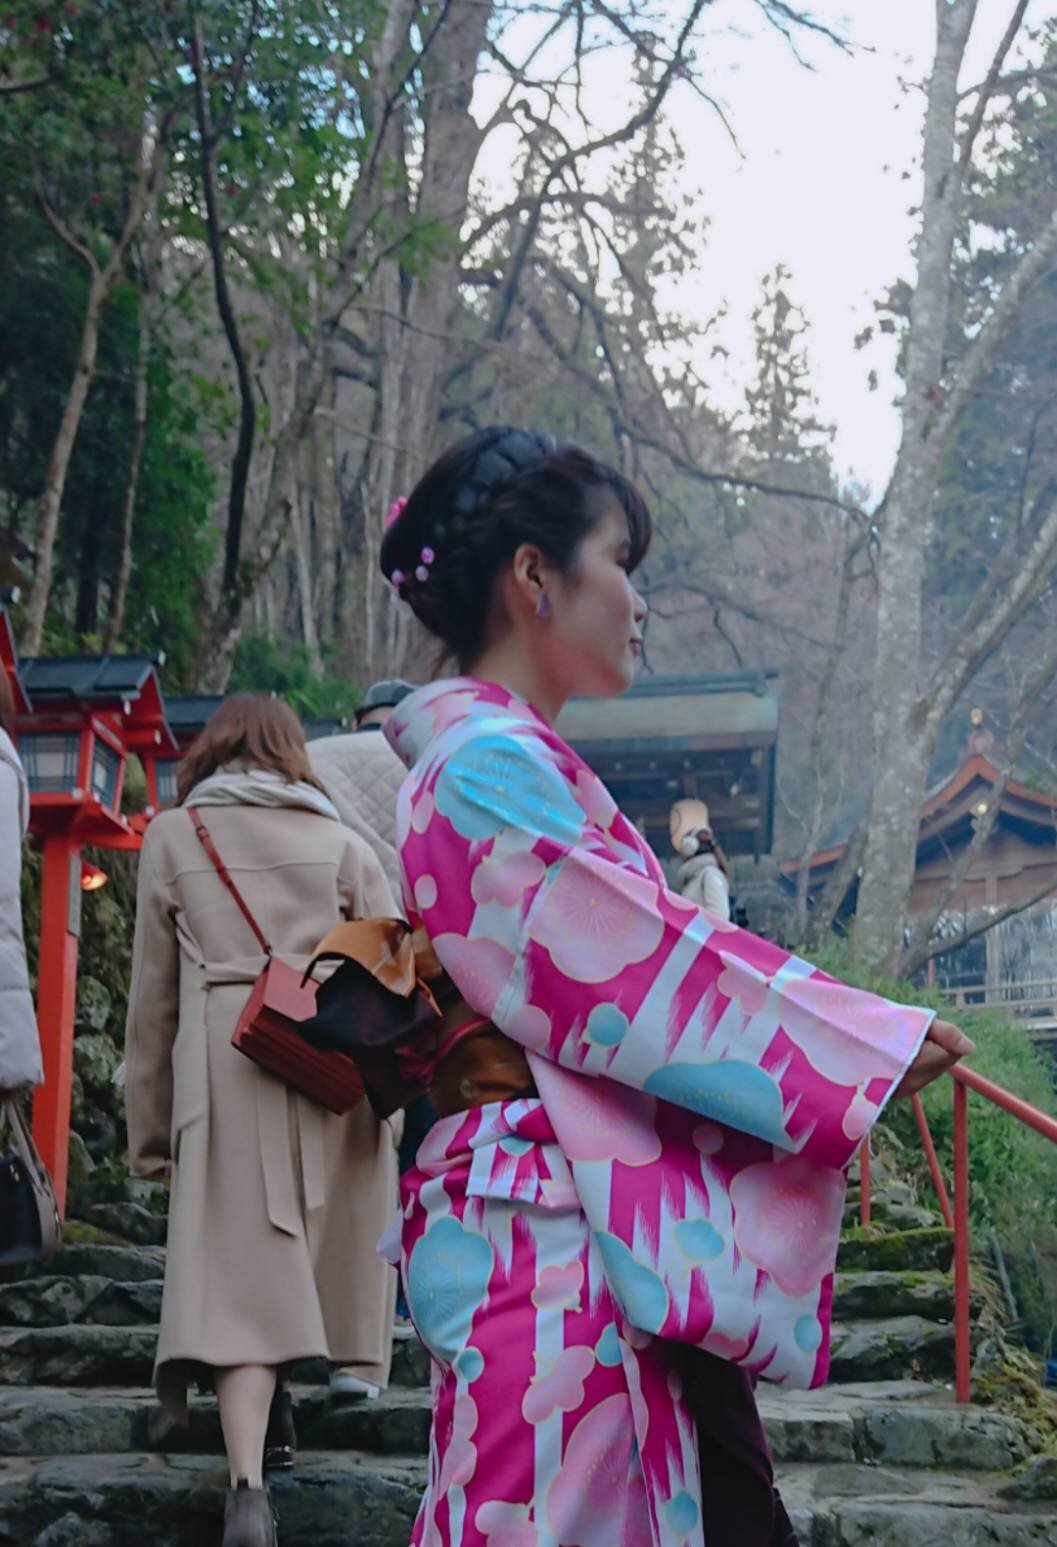 家族で下鴨神社の蹴鞠初めへ2019年1月4日7